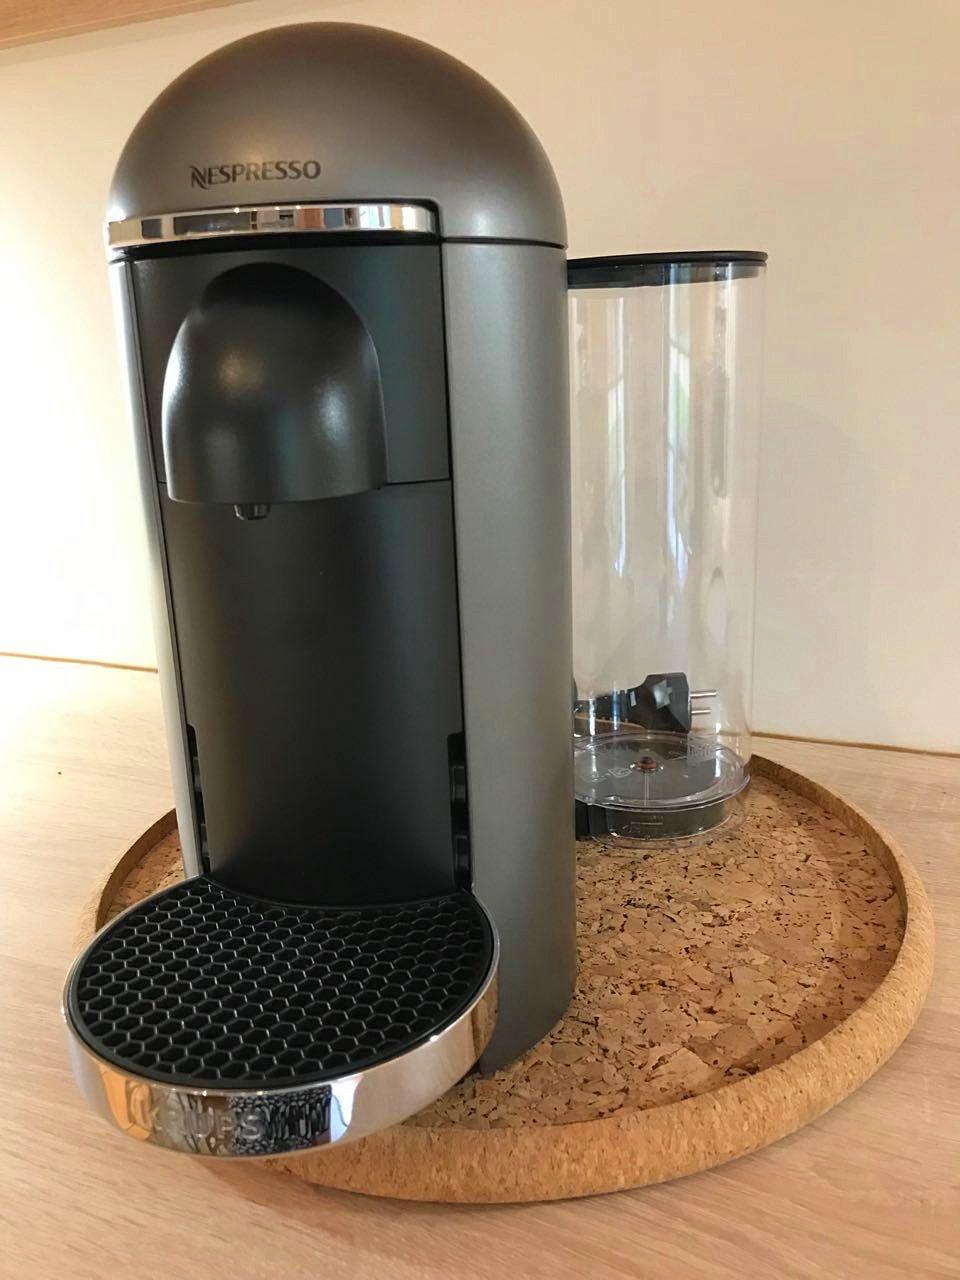 Vends Machine à café Nespresso Vertuo Krups - Excellent état